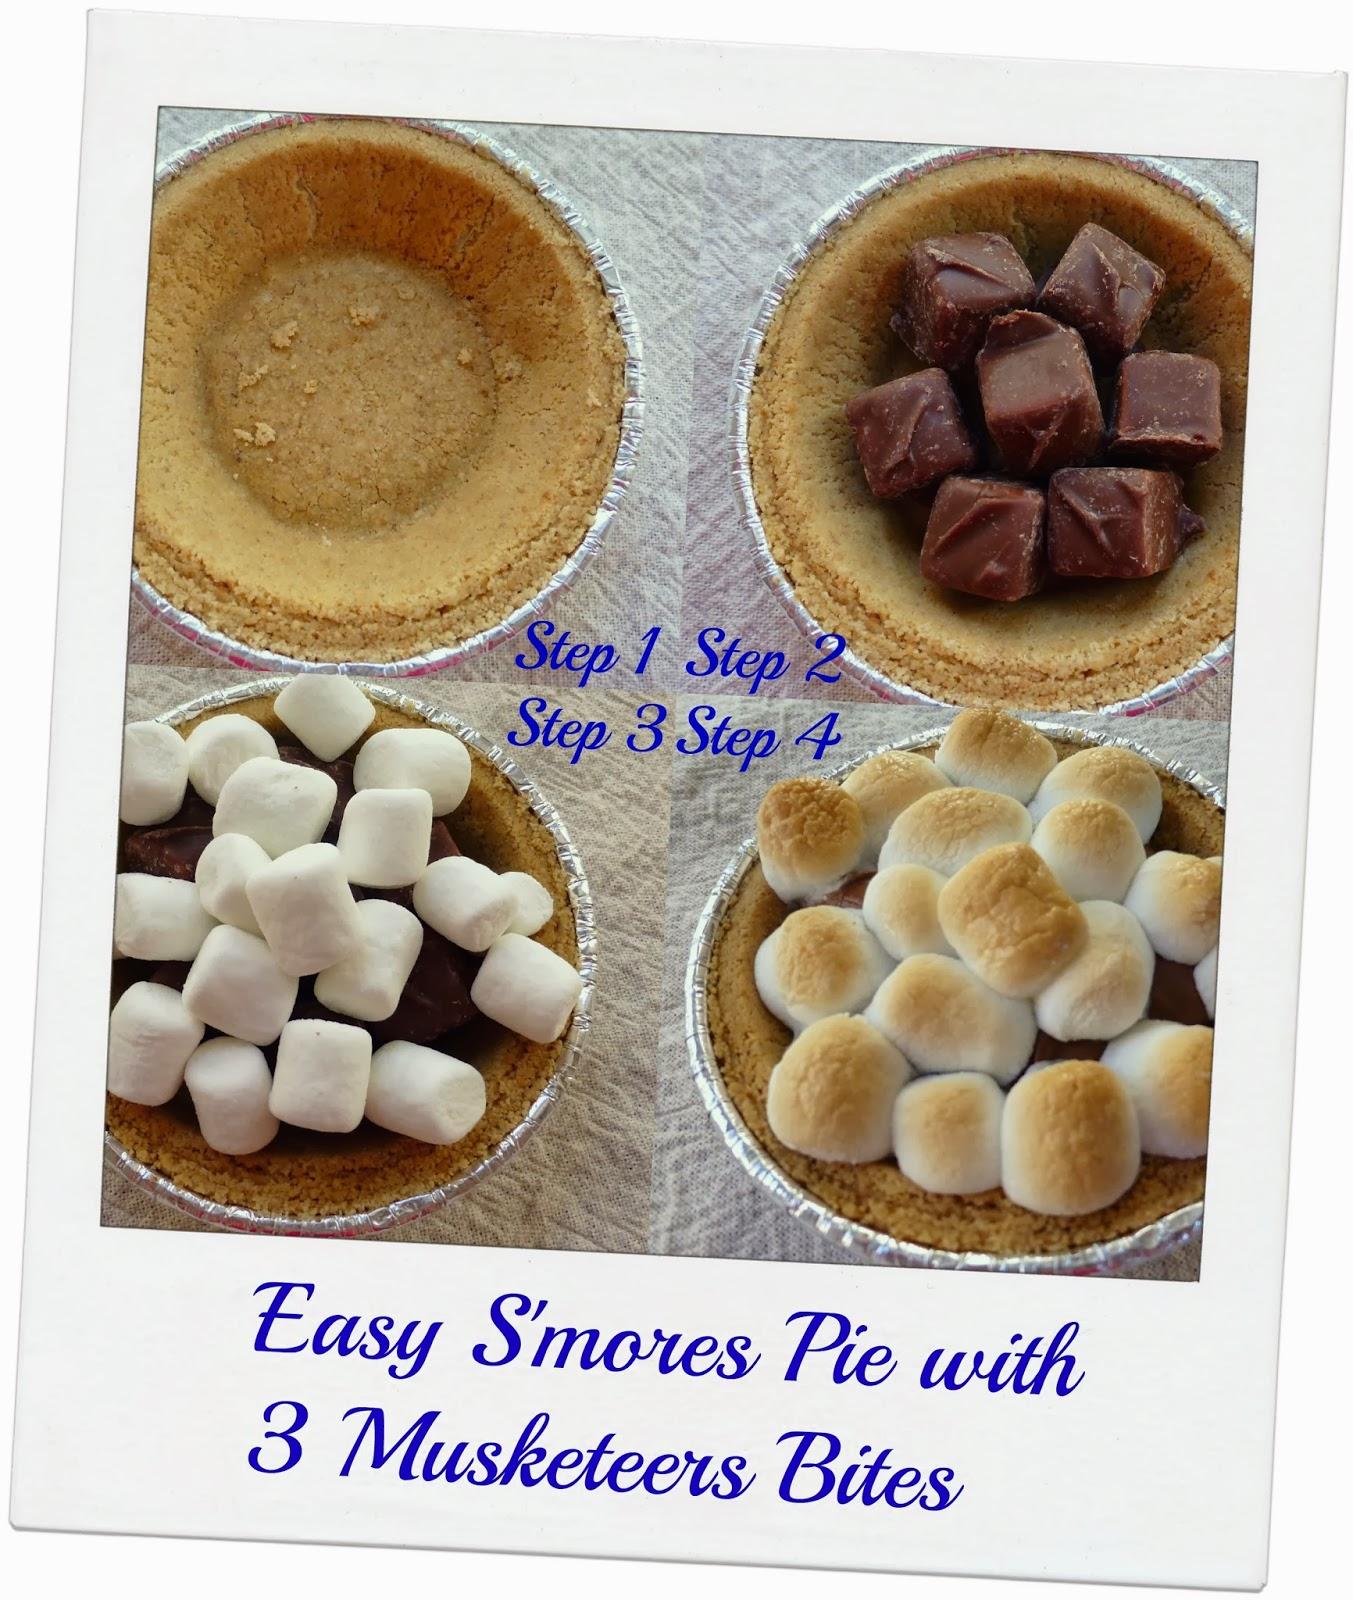 #shop, #EatMoreBites